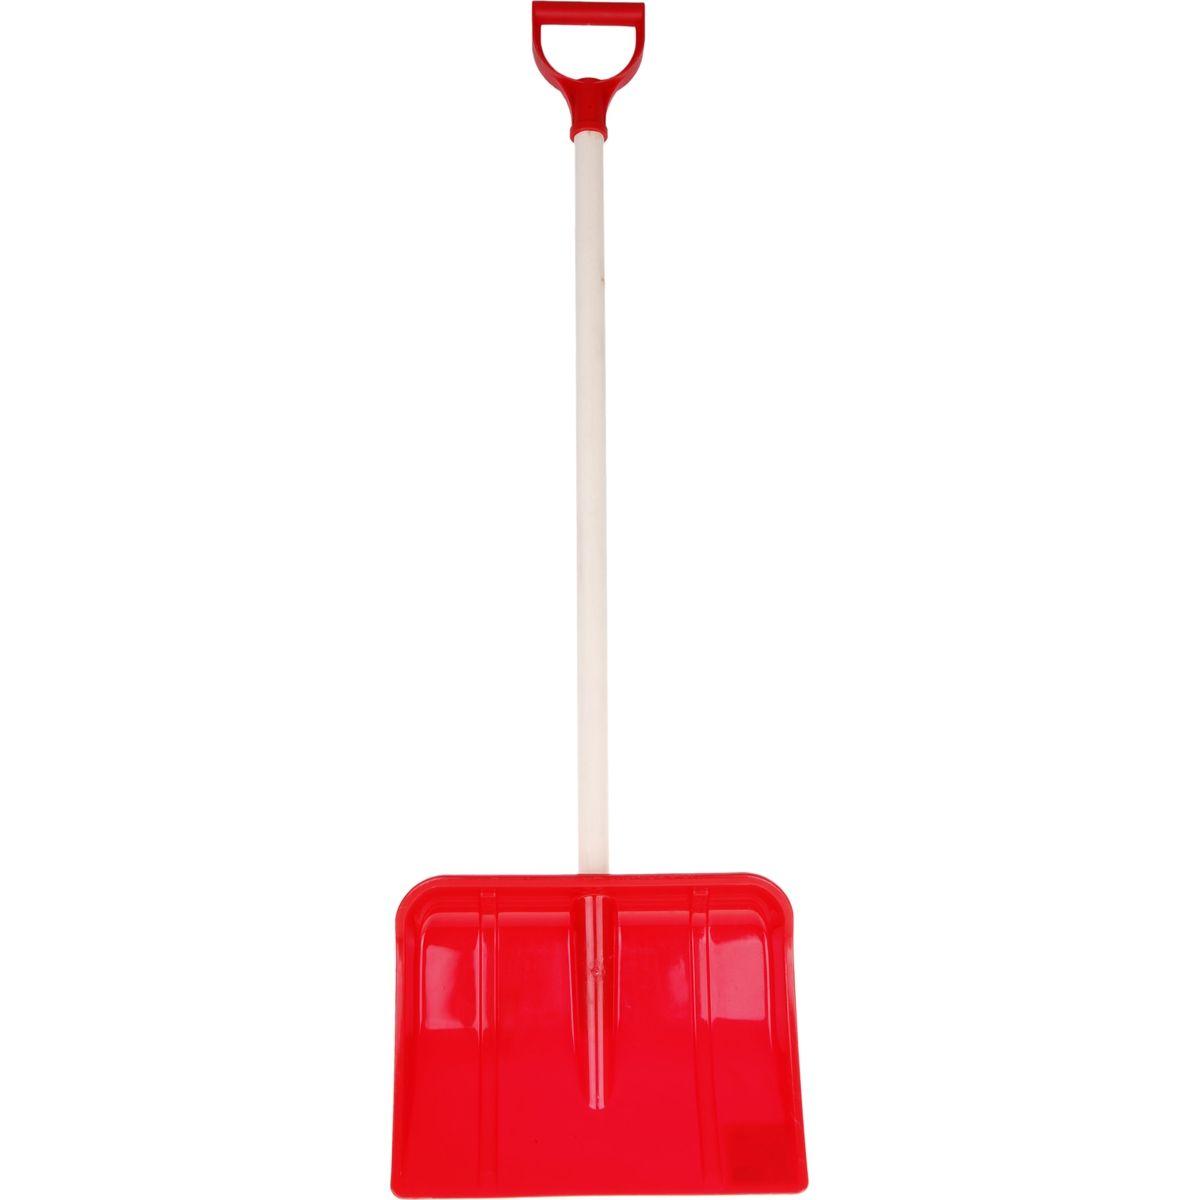 Lopata na vyhrnování sněhu 95cm - Červená